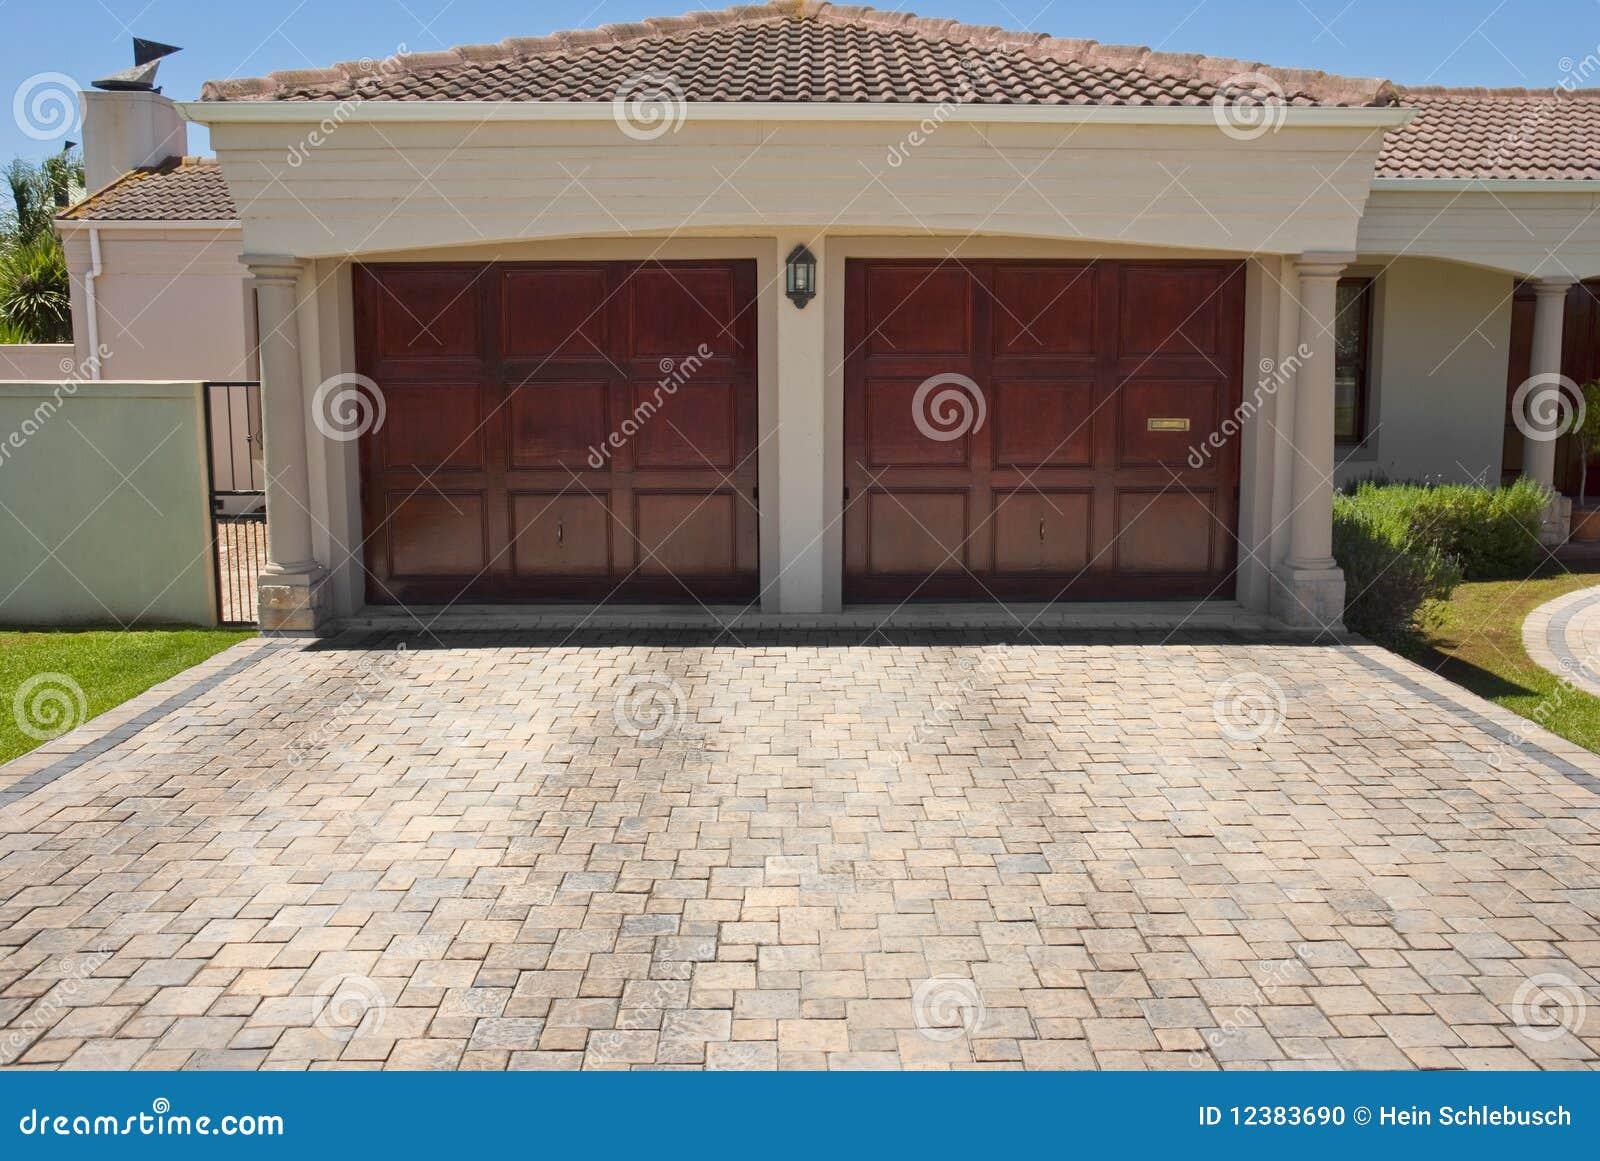 Puertas dobles marrones de madera del garage foto de for Puertas de madera para garage